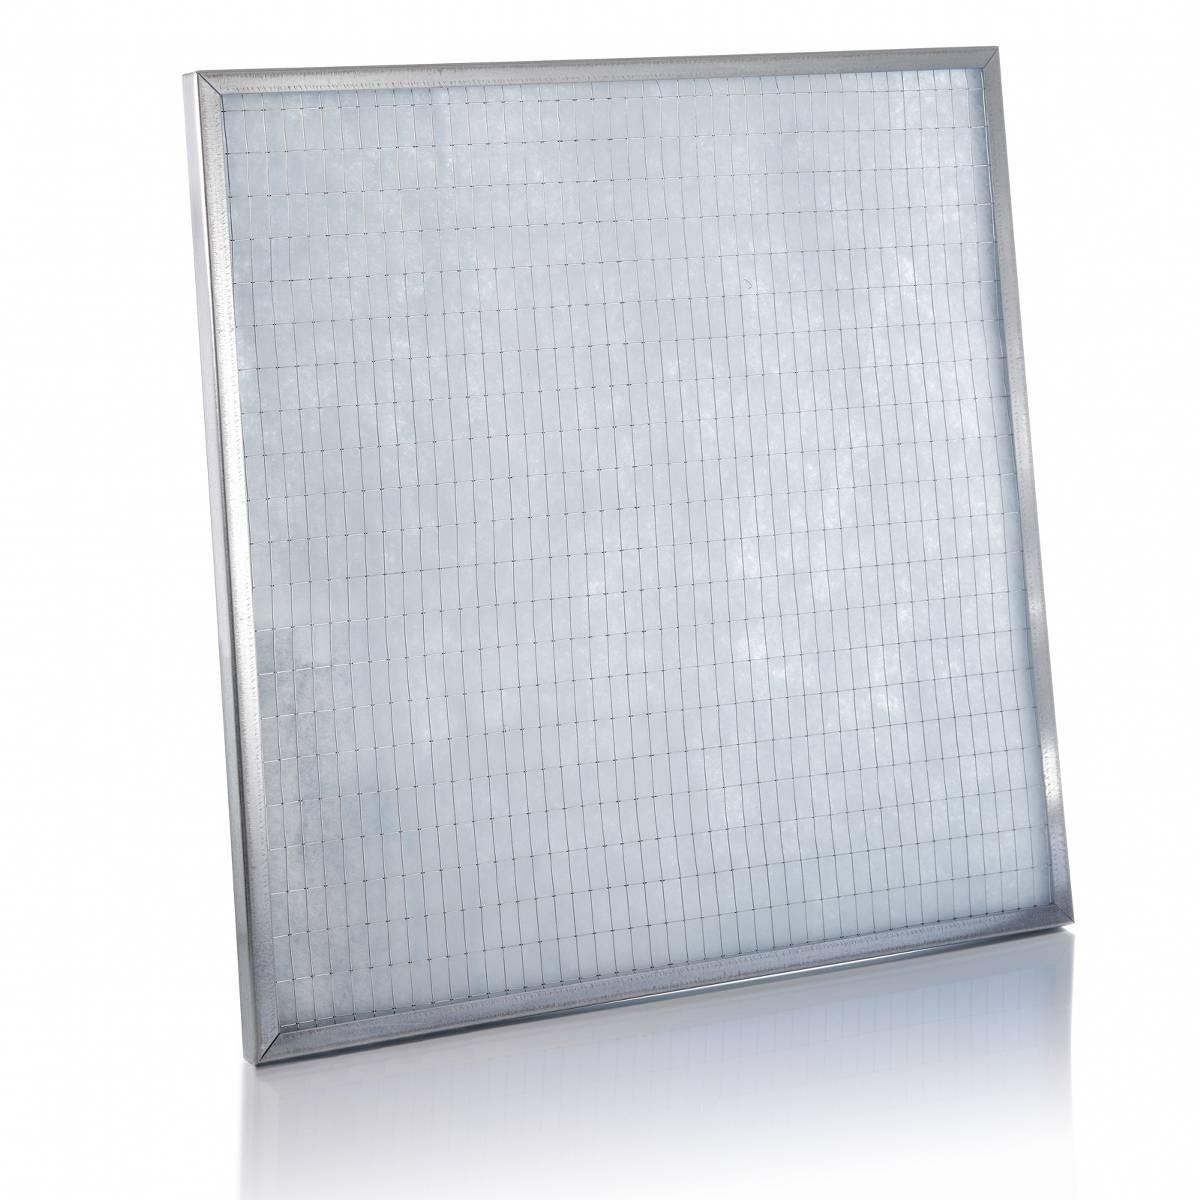 Cella filtrante sintetica piana efficienza G4 dimensioni 400x400x22 mm